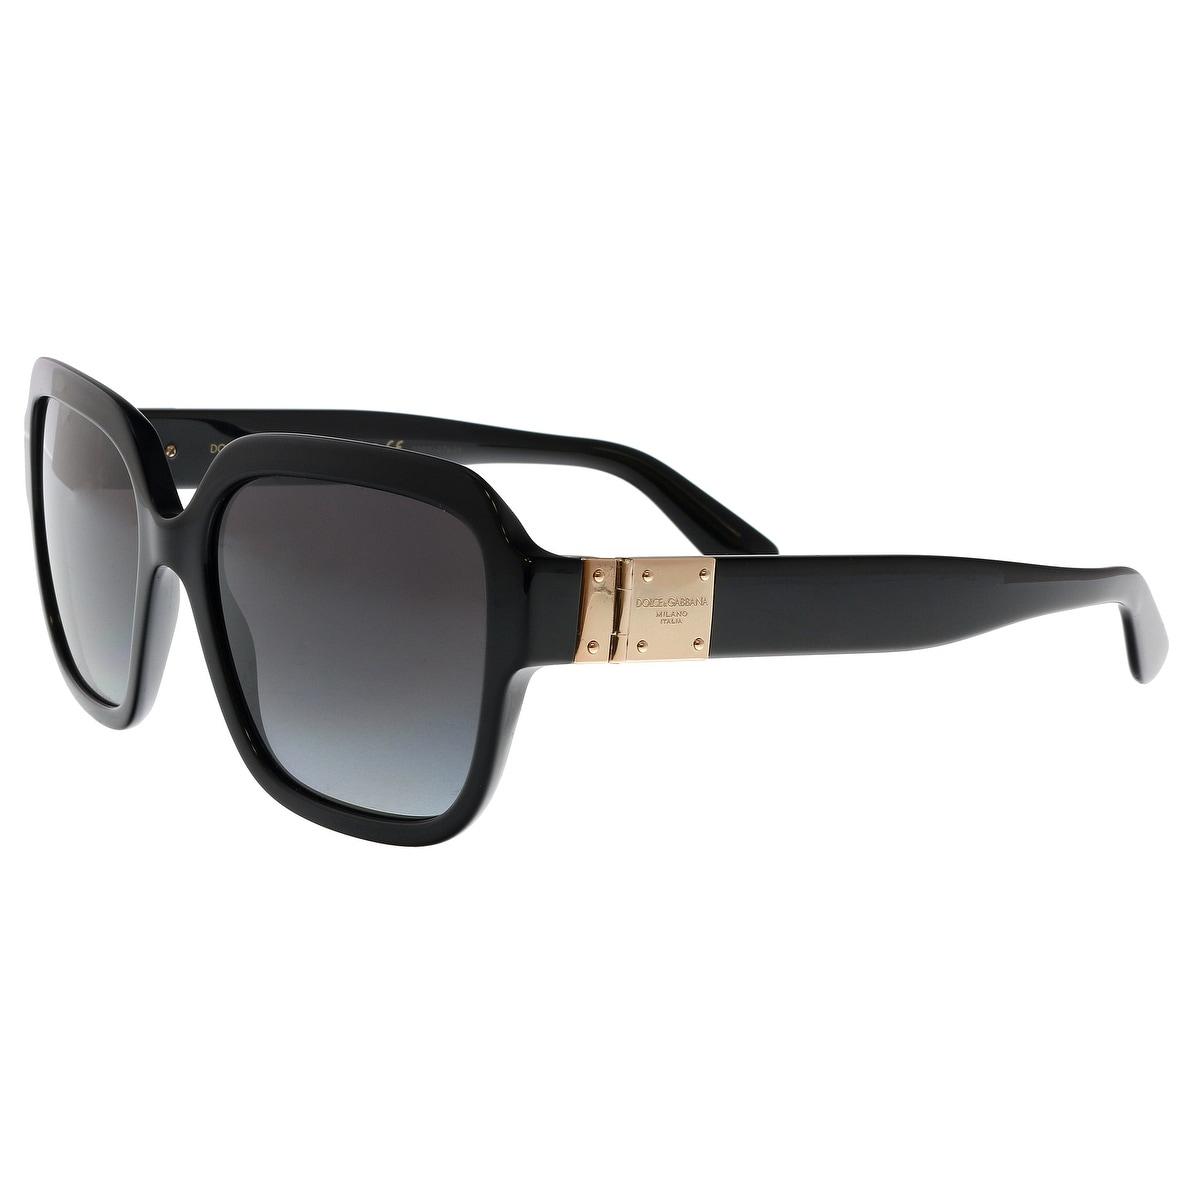 06ff8da47856 Dolce   Gabbana Women s Sunglasses